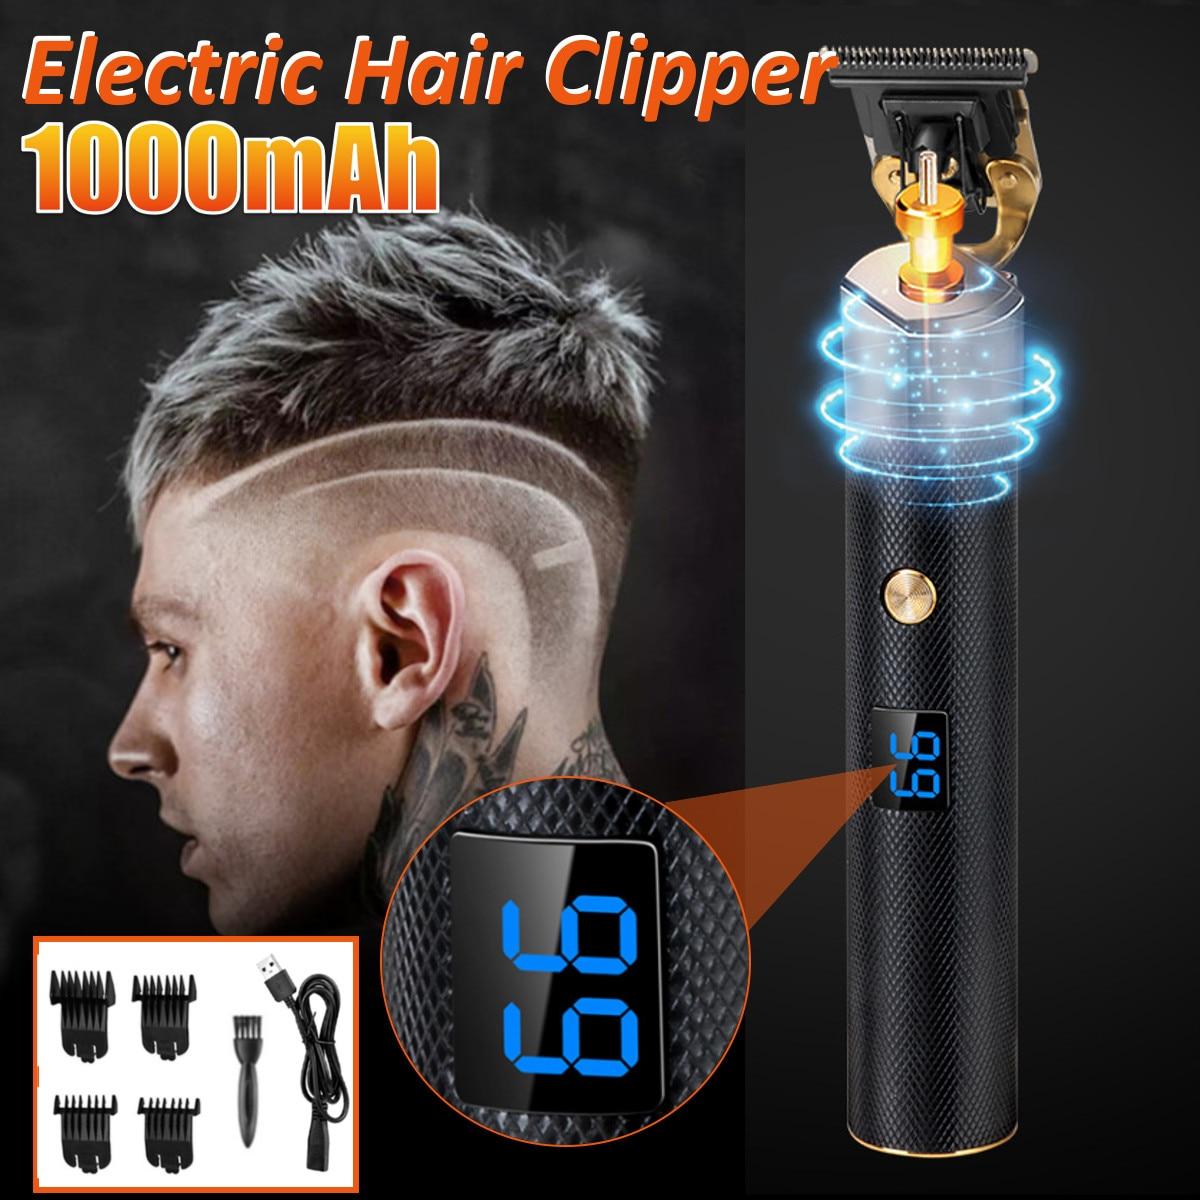 Cortadora de pelo T9, cortadora profesional, pantalla LCD, carga rápida, maquinilla para peluquero lavable Máquina para cortar cabello hombres, para corte de pelo